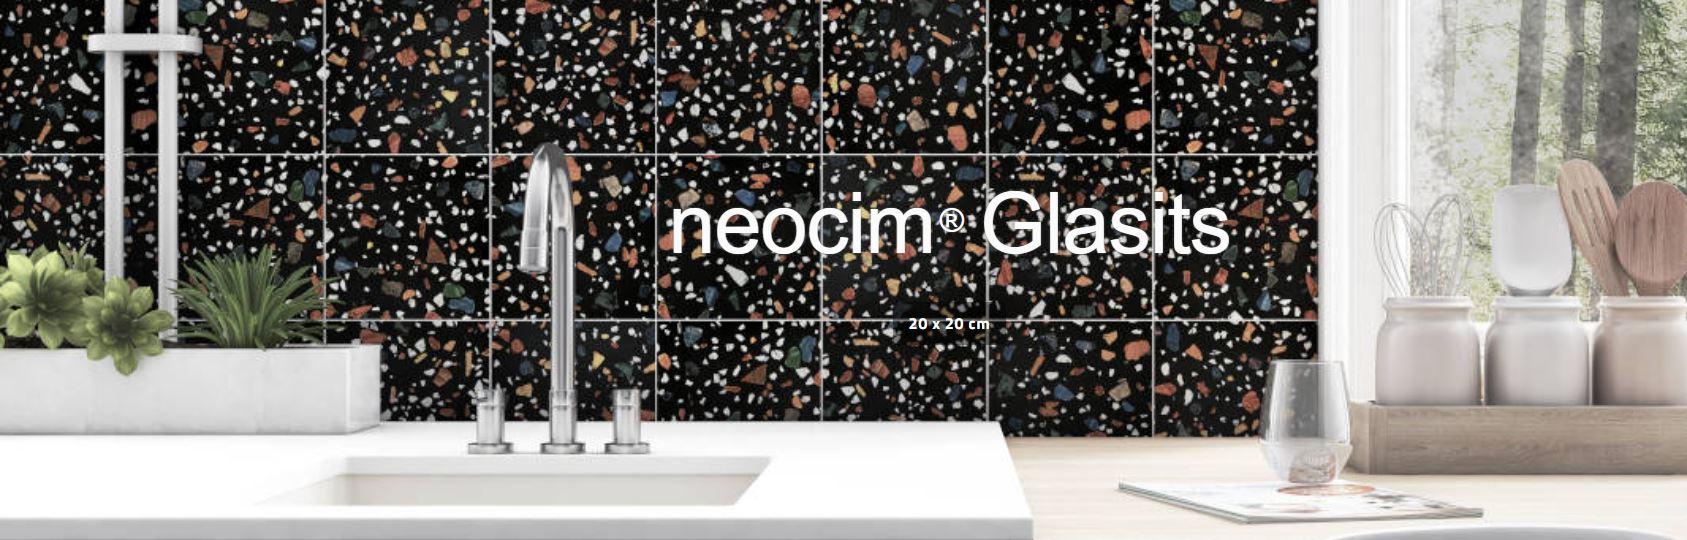 neocim-glasits-v-interieru-kuchyne